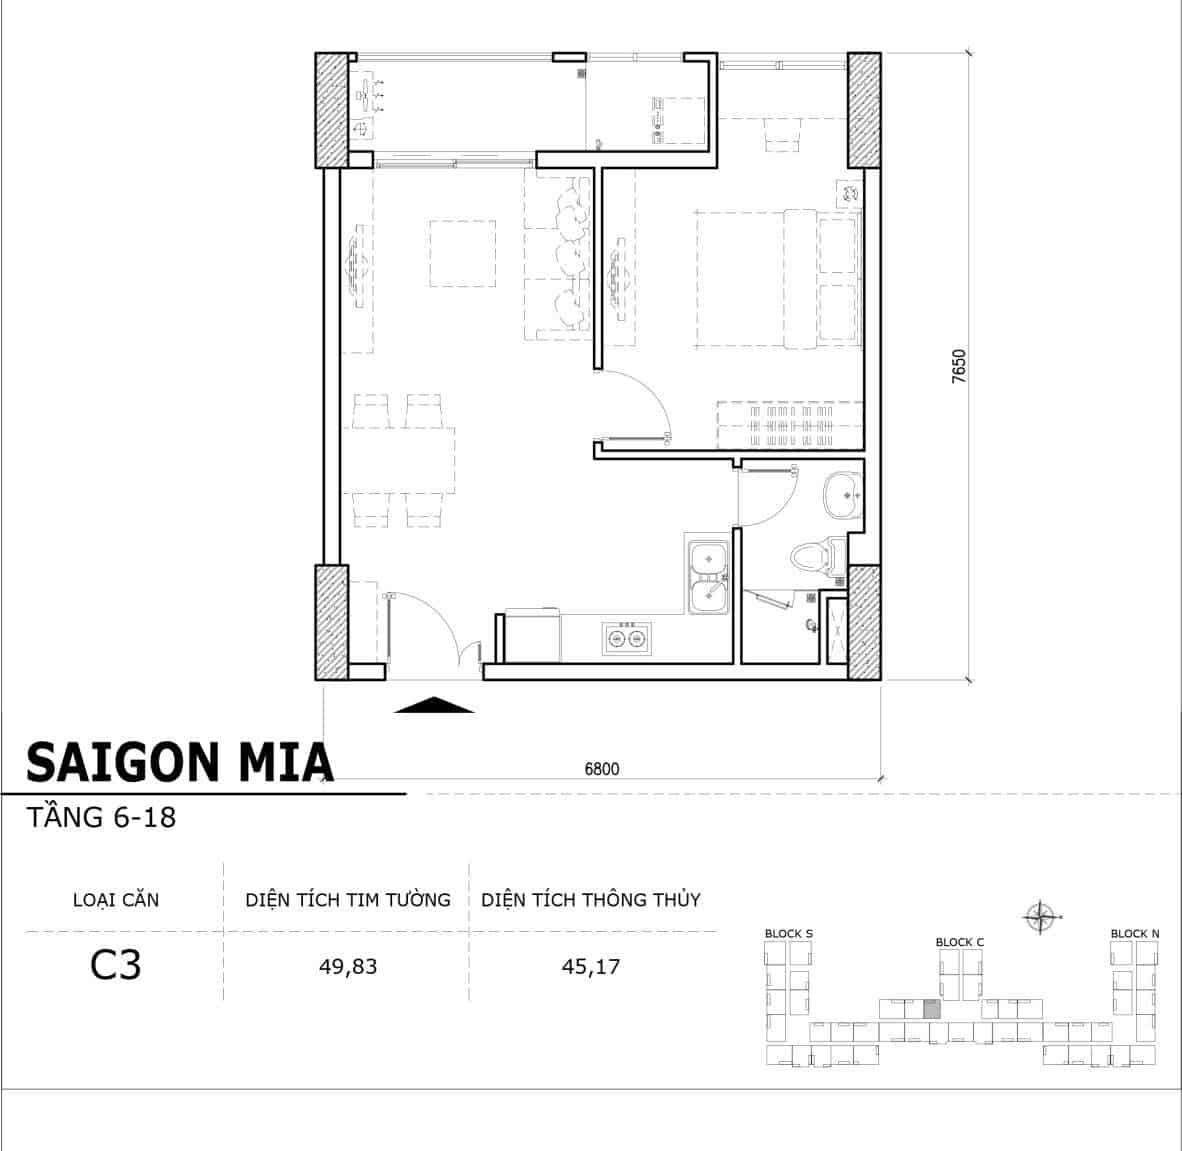 Chi tiết thiết kế căn hộ điển hình tầng 6-18 dự án Sài Gòn Mia - Căn C3